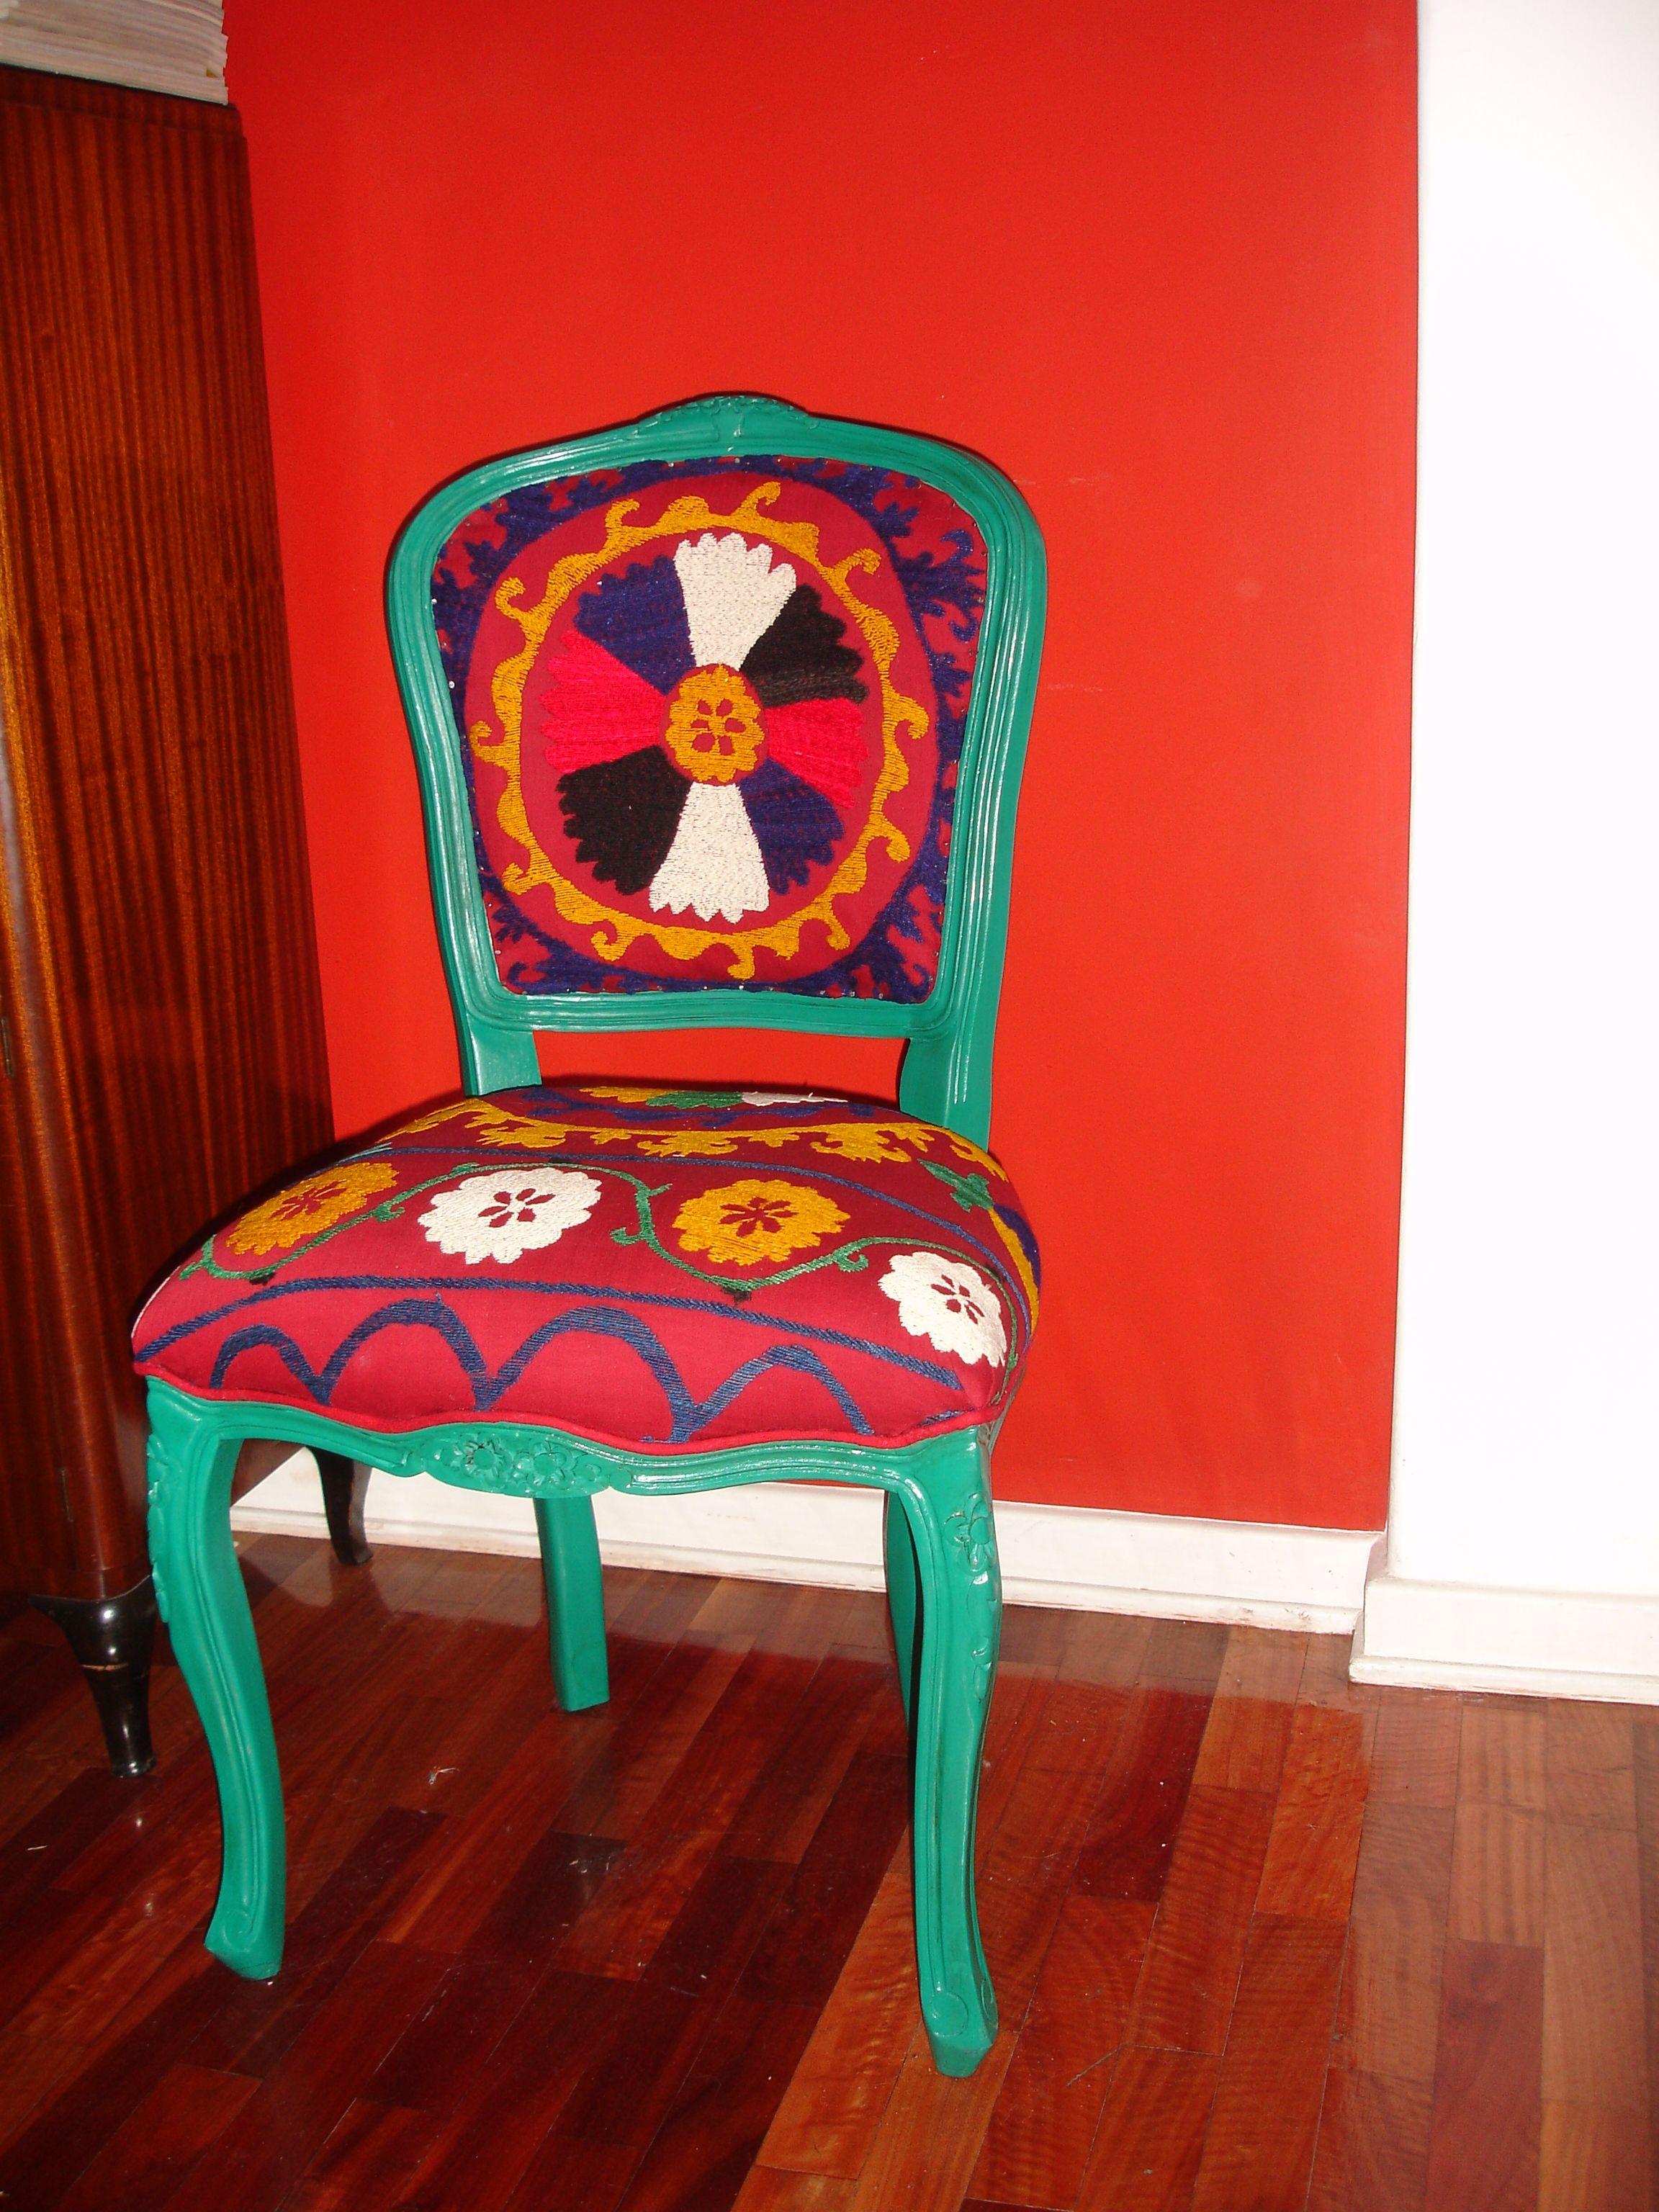 Pin De Veronica Abaurre En Muebles Pinterest Sillas Luis Xv  # Muebles Luis Xv Caracteristicas